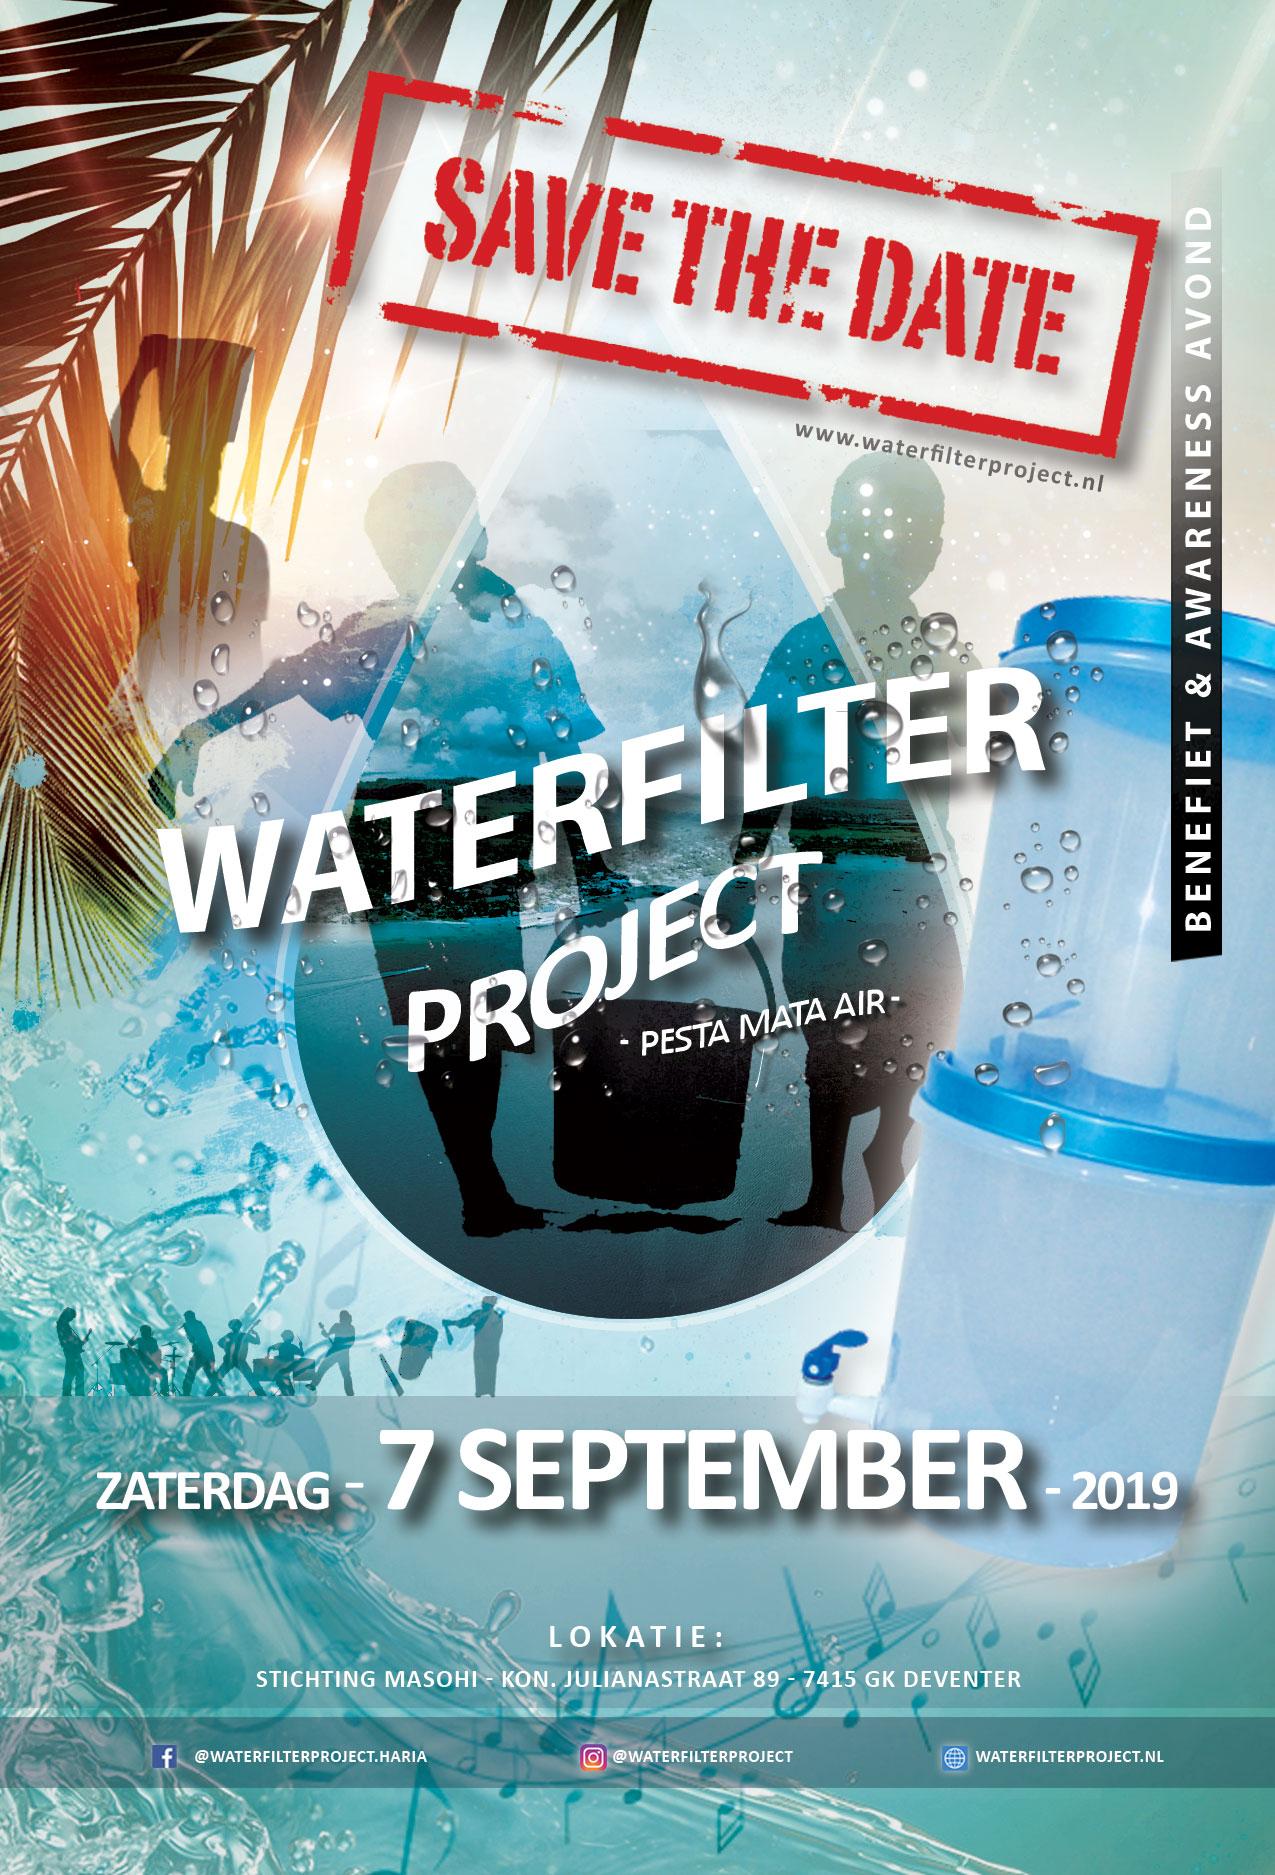 Pesta Mata Air - Benefietavond Waterfilterproject